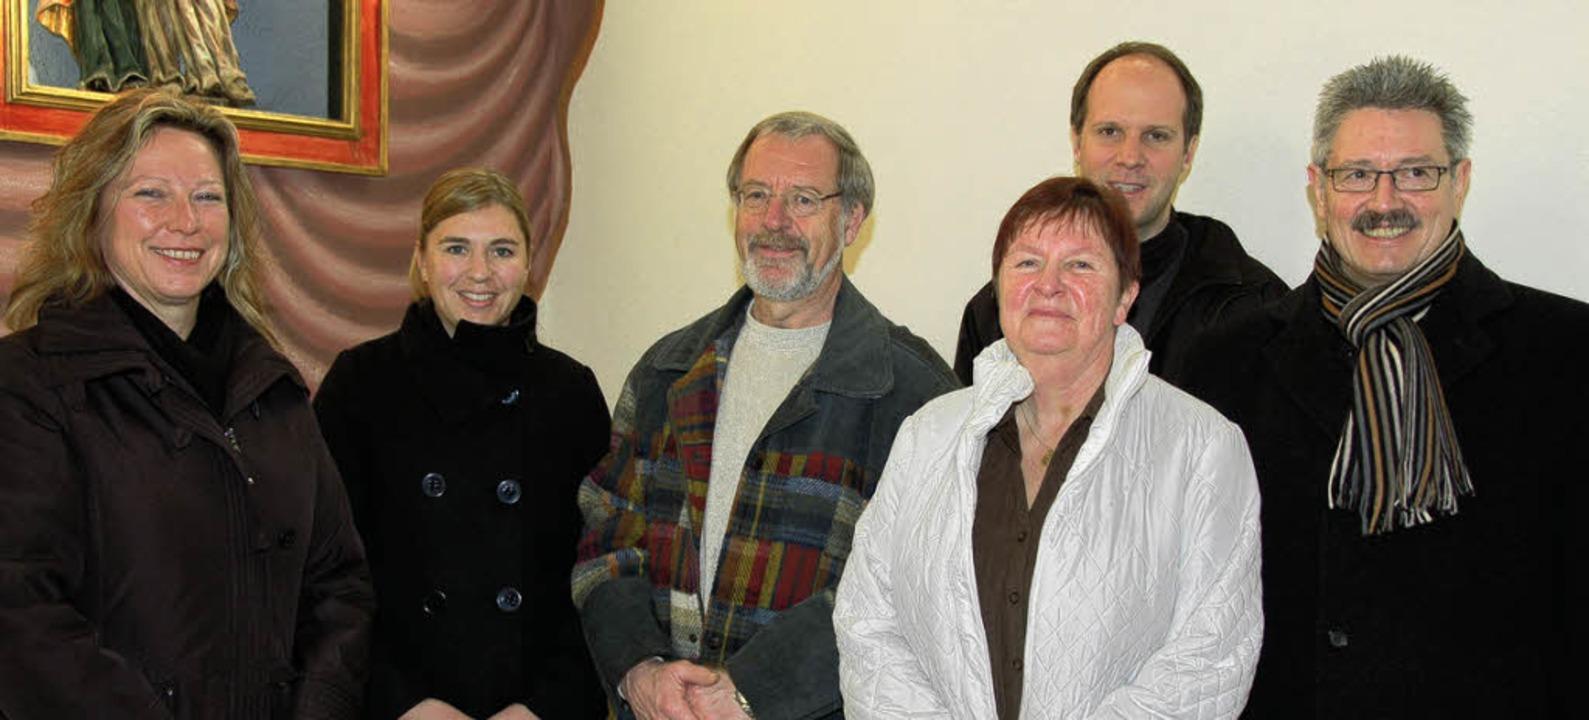 Zeigten Einsatz: Dr. Stefanie Krause (...atthias Baumann (rechts) gratulieren.   | Foto: Jutta Binner-Schwarz